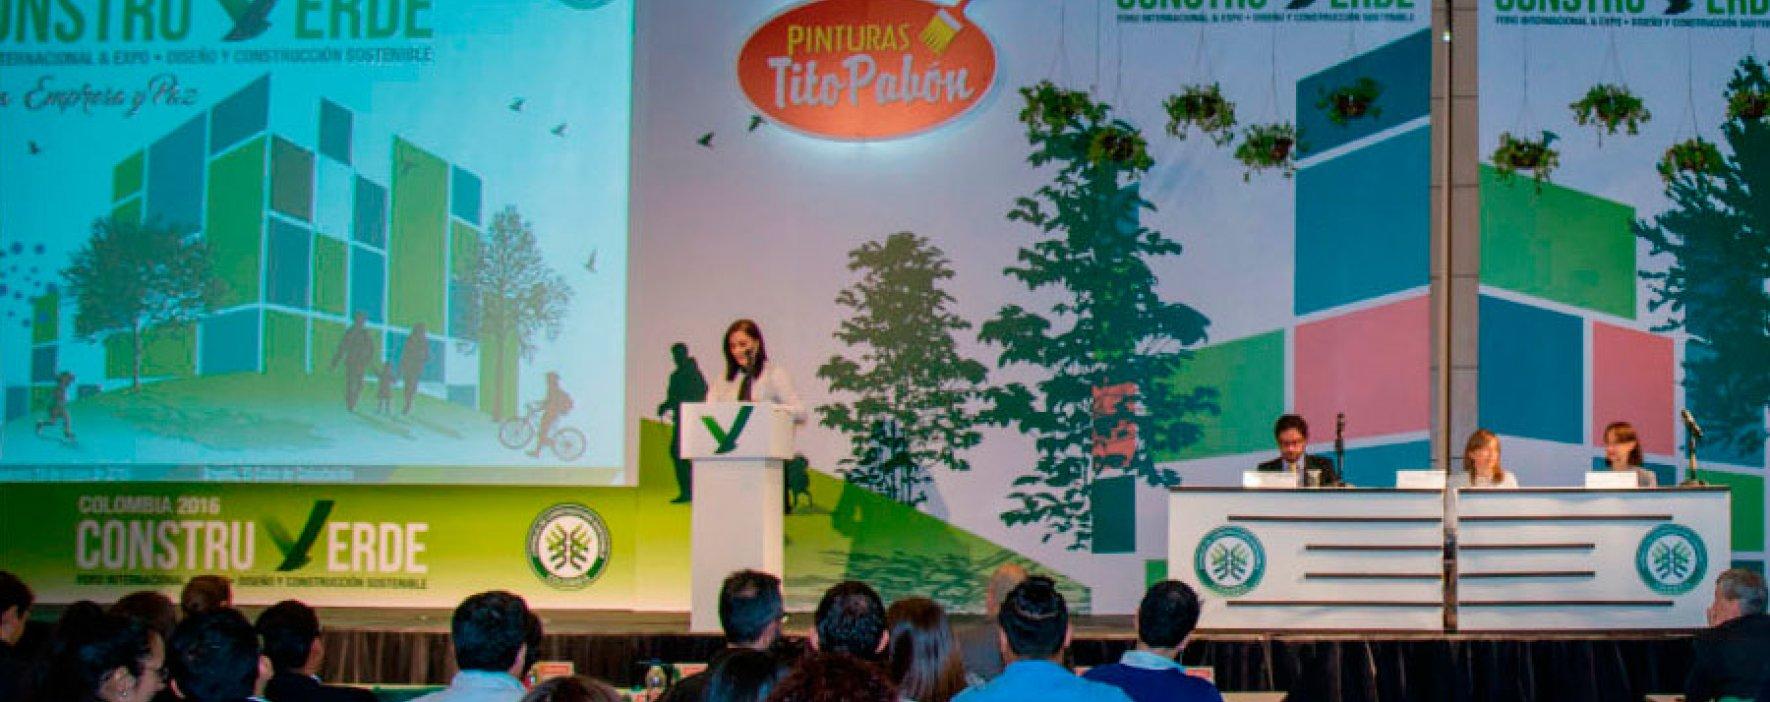 Desarrollo sostenible en Construverde 2017